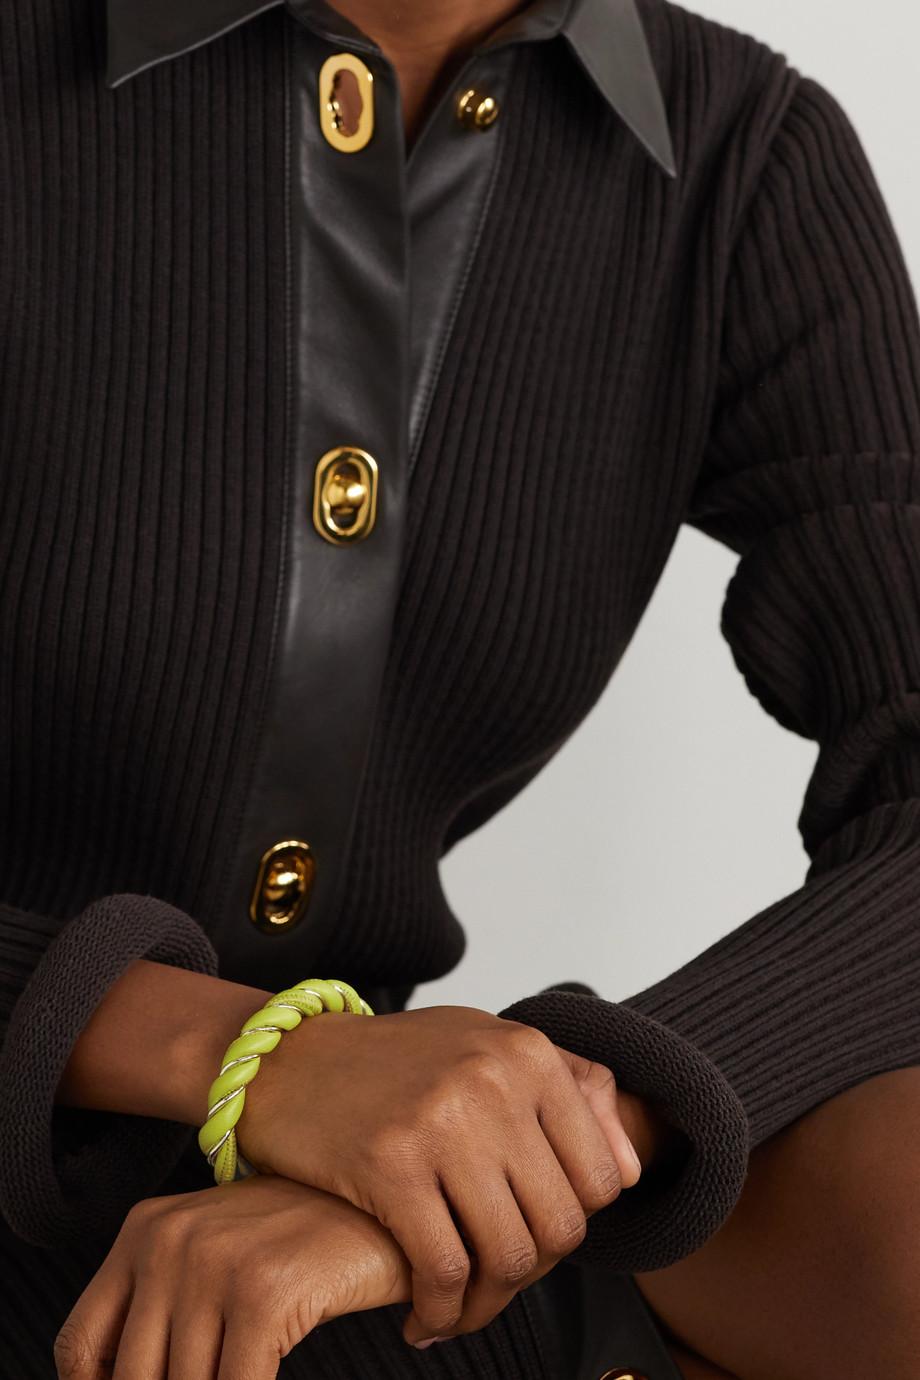 Bottega Veneta Silver-tone and leather cuff